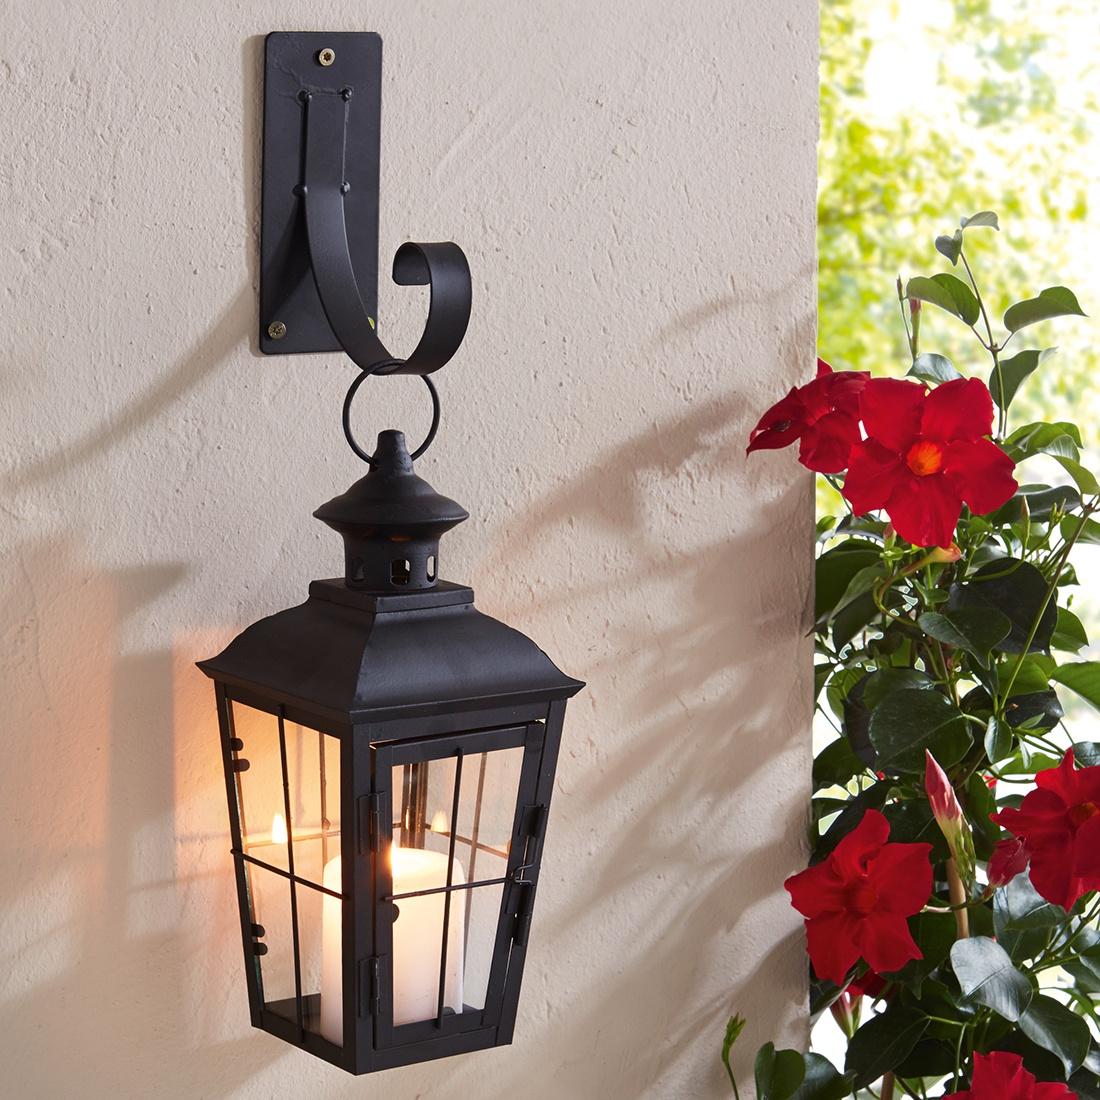 Подсвечник-фонарь с держателем Замок подсвечник фонарь 24 5х38 см